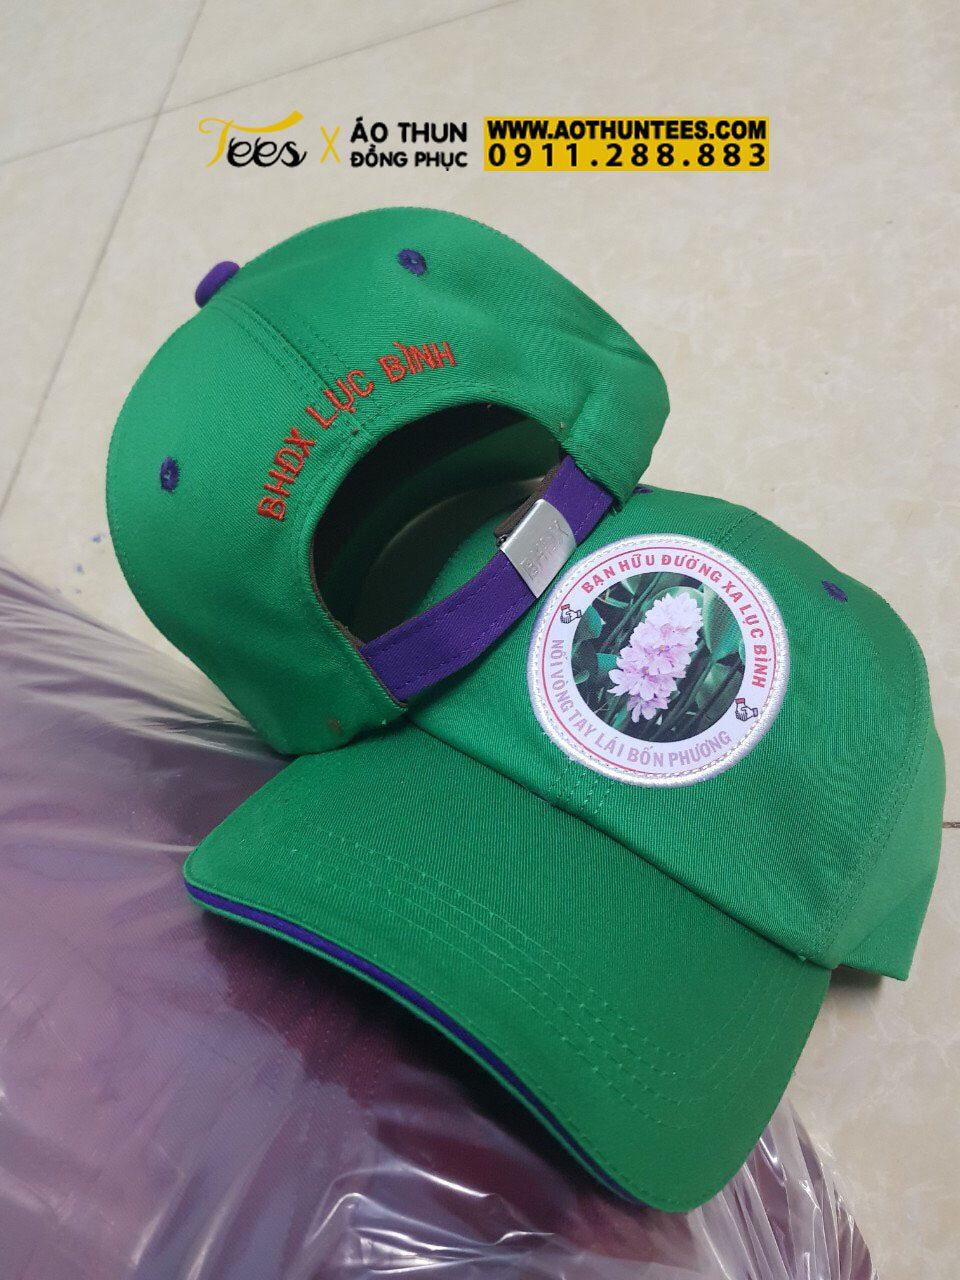 859429f8542eb370ea3f - Giới thiệu về đồng phục nón